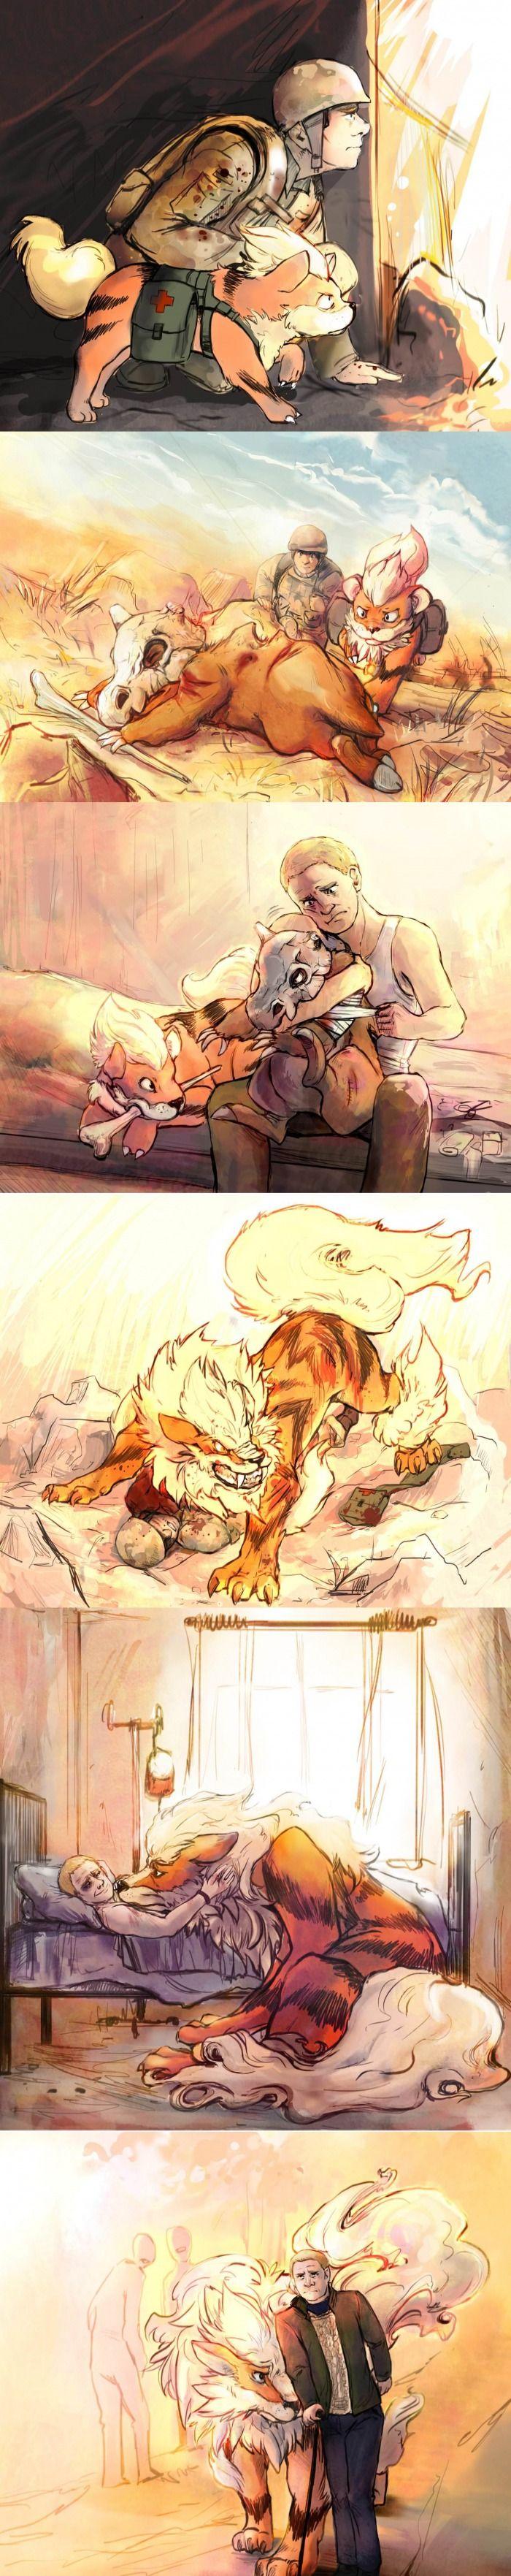 Pokemon is your best friend.